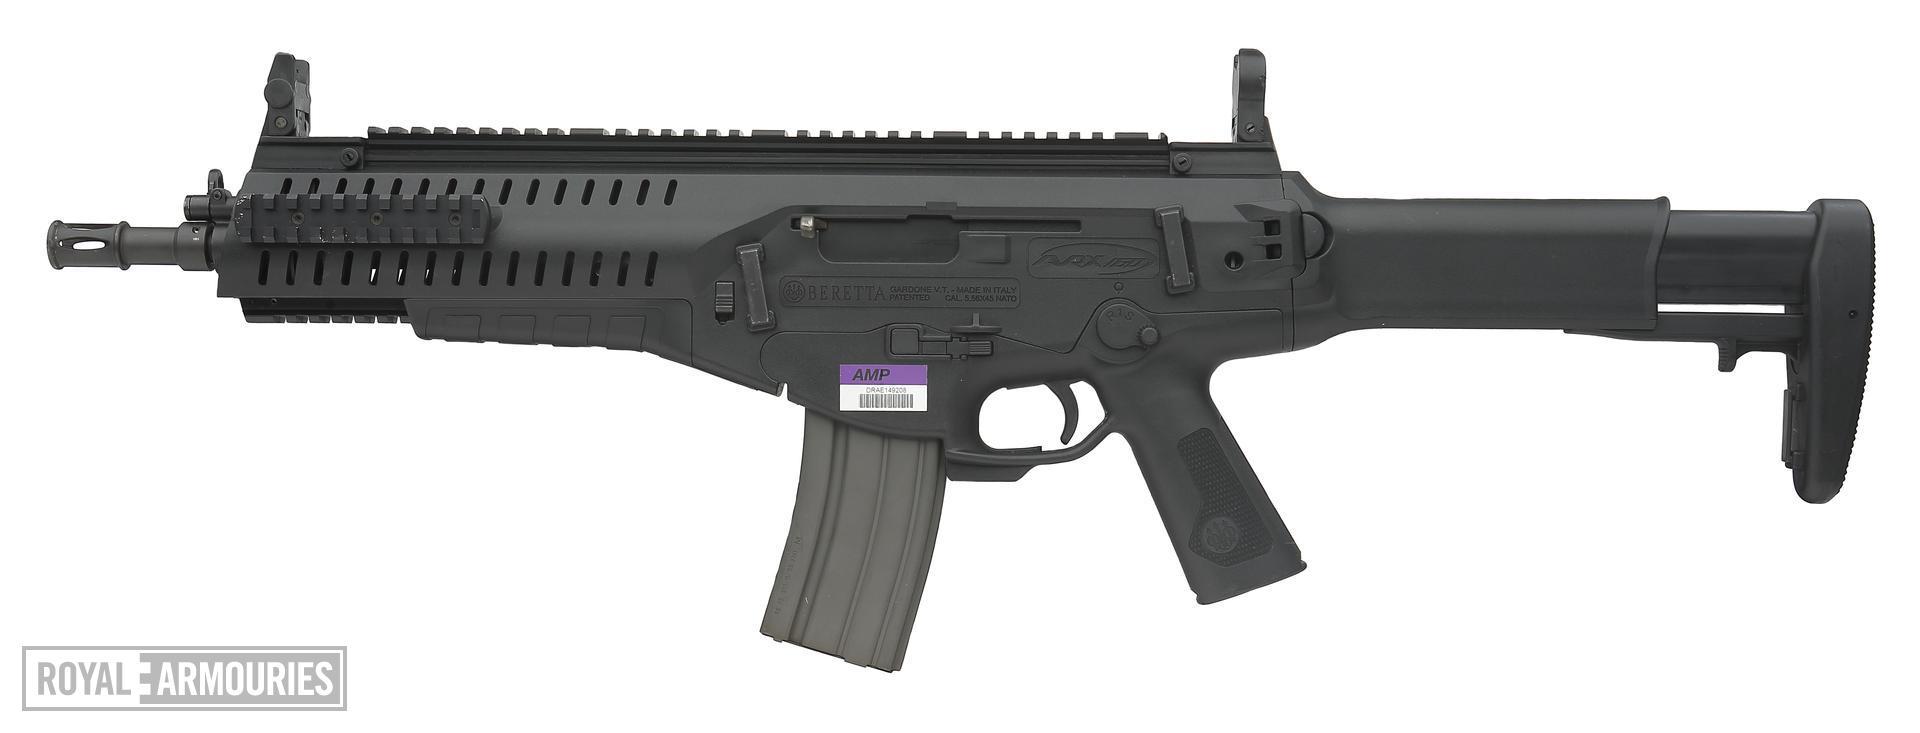 Centrefire automatic carbine - Beretta APX-160